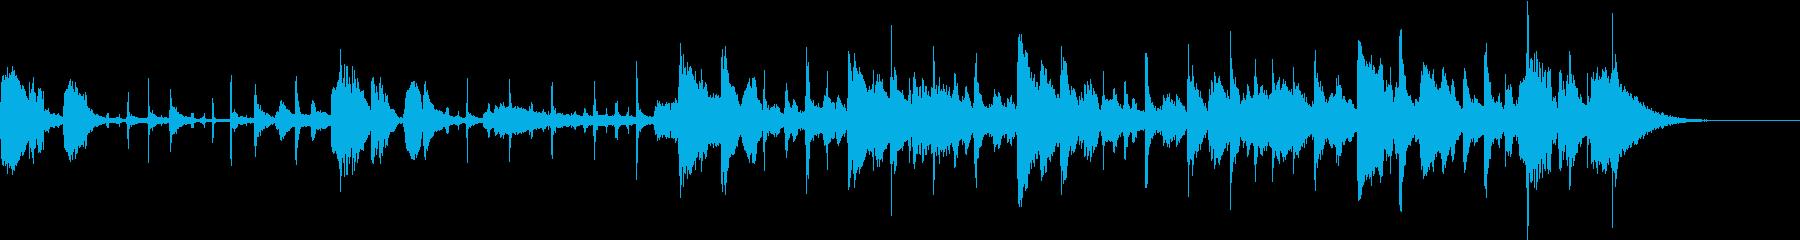 和楽器のジャズのオシャレなコラボの再生済みの波形